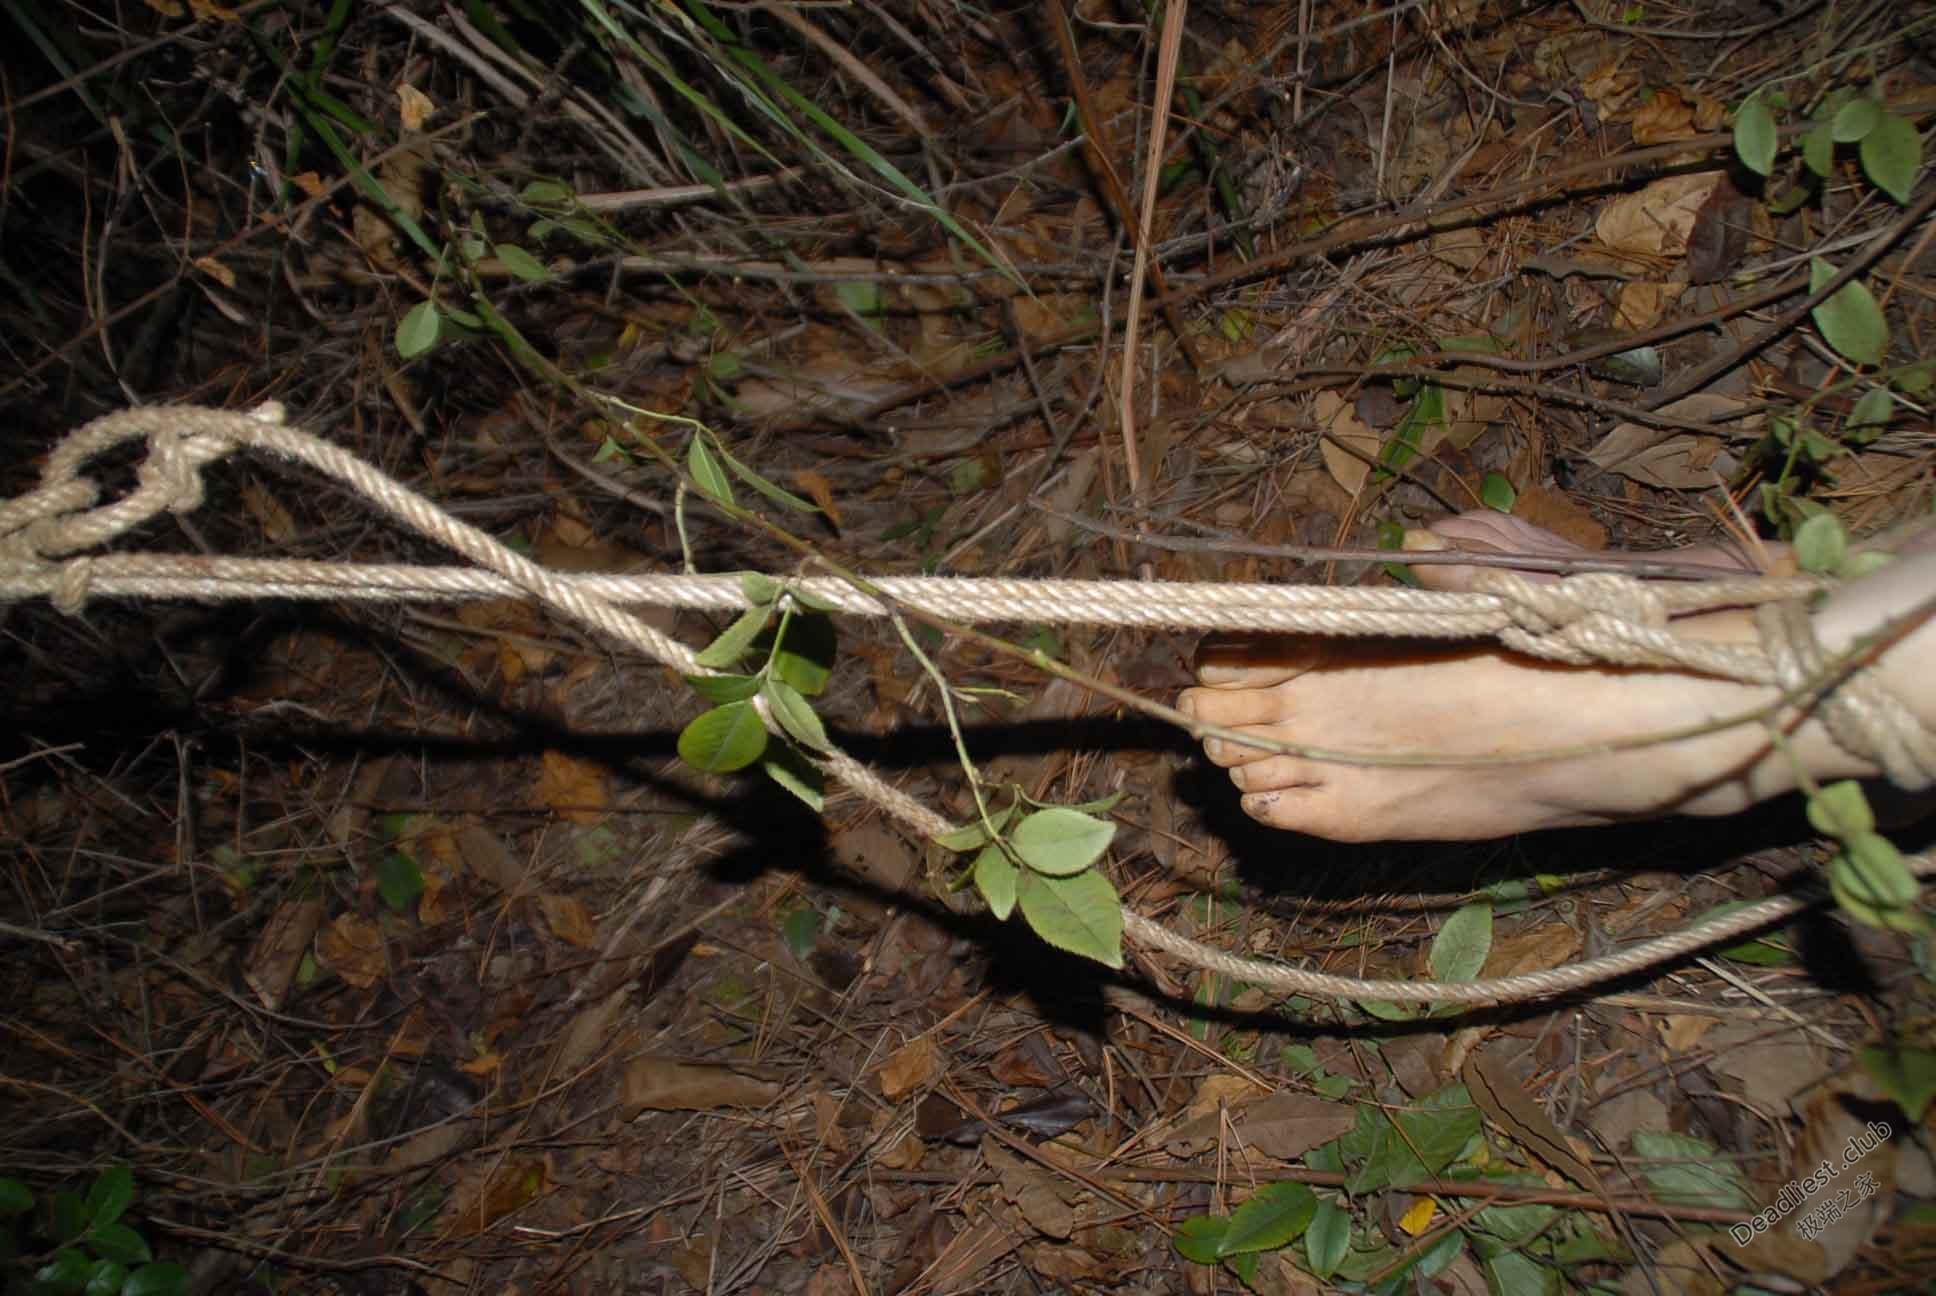 【遺体注意】詳細不明 中国の墓地で発見された若い女性の遺体、レイプ?自殺?(画像)・4枚目